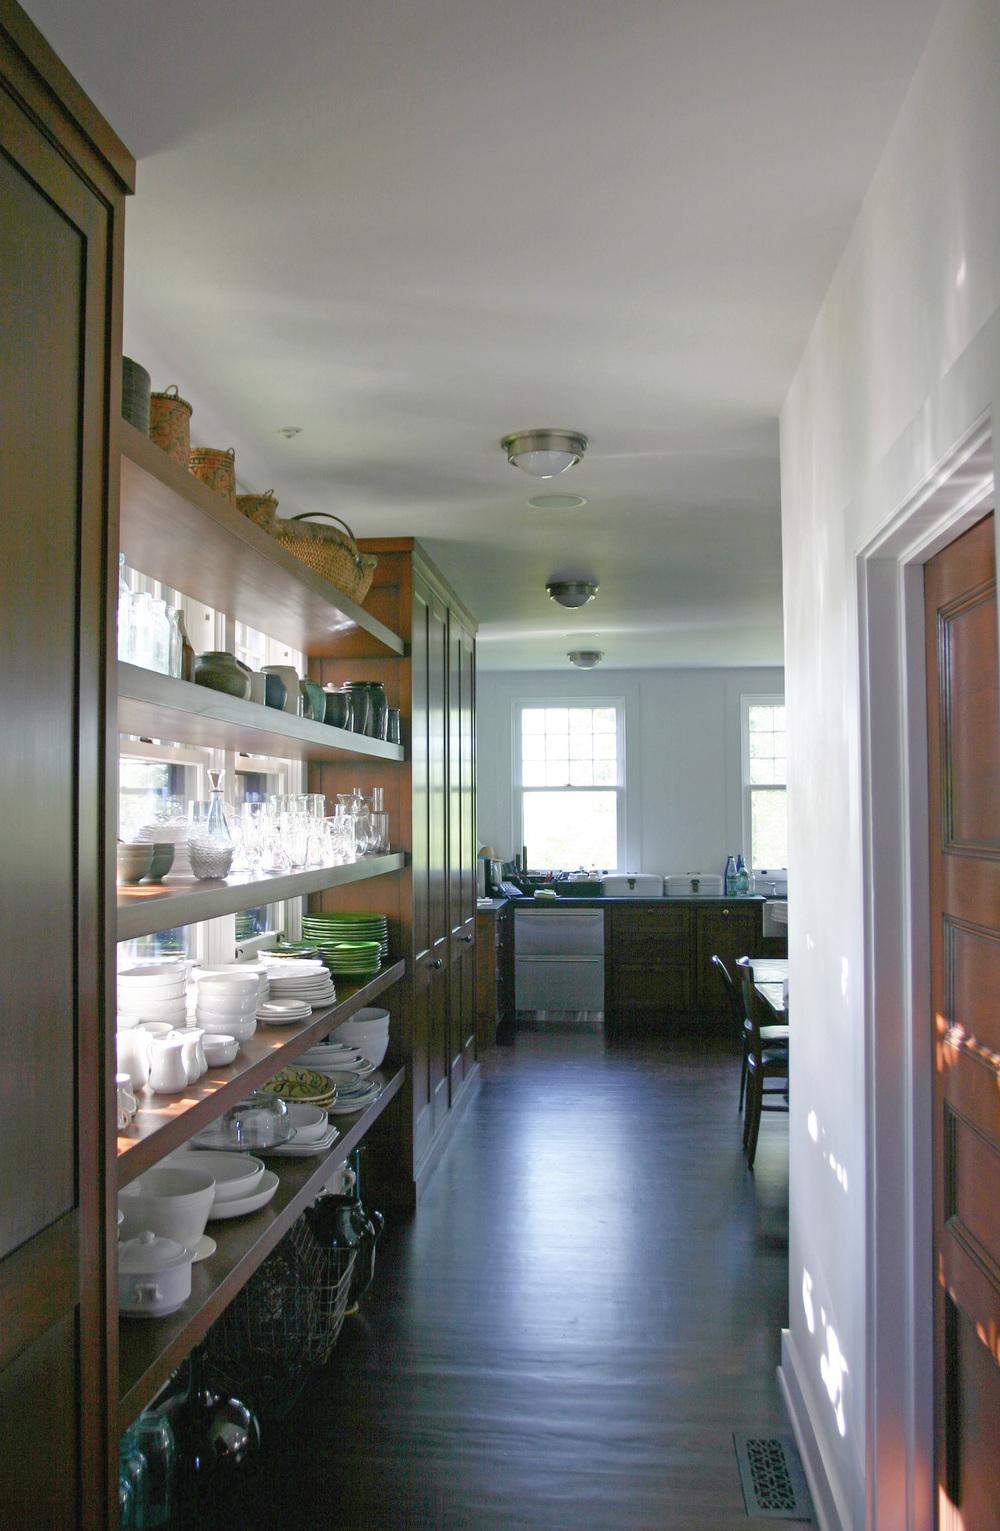 06_shelves.jpg